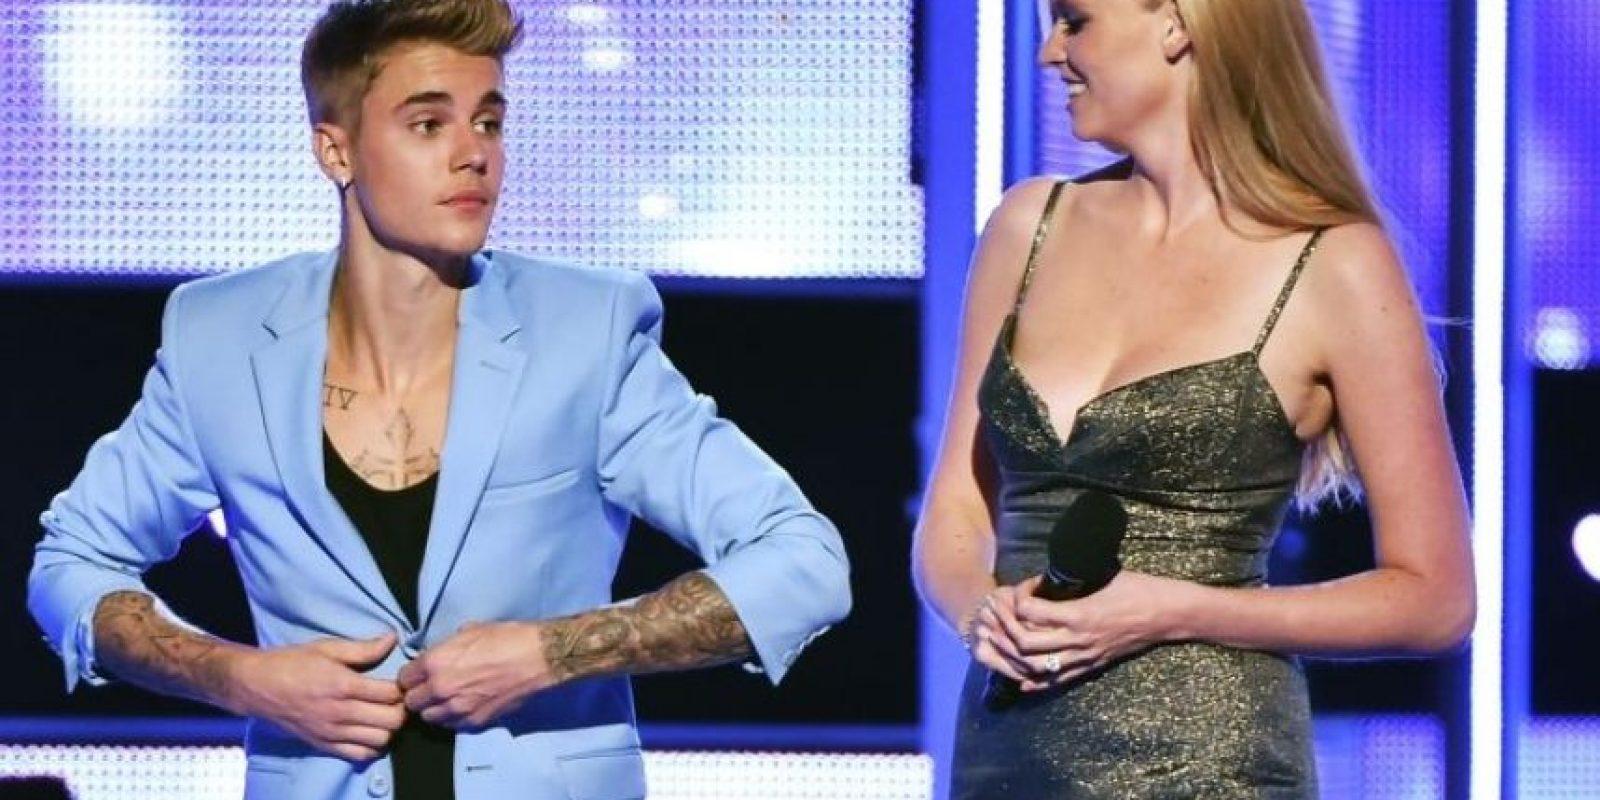 Justin Bieber decidió quitarse la ropa en el escenario del Fashion Rocks Foto:Getty Images